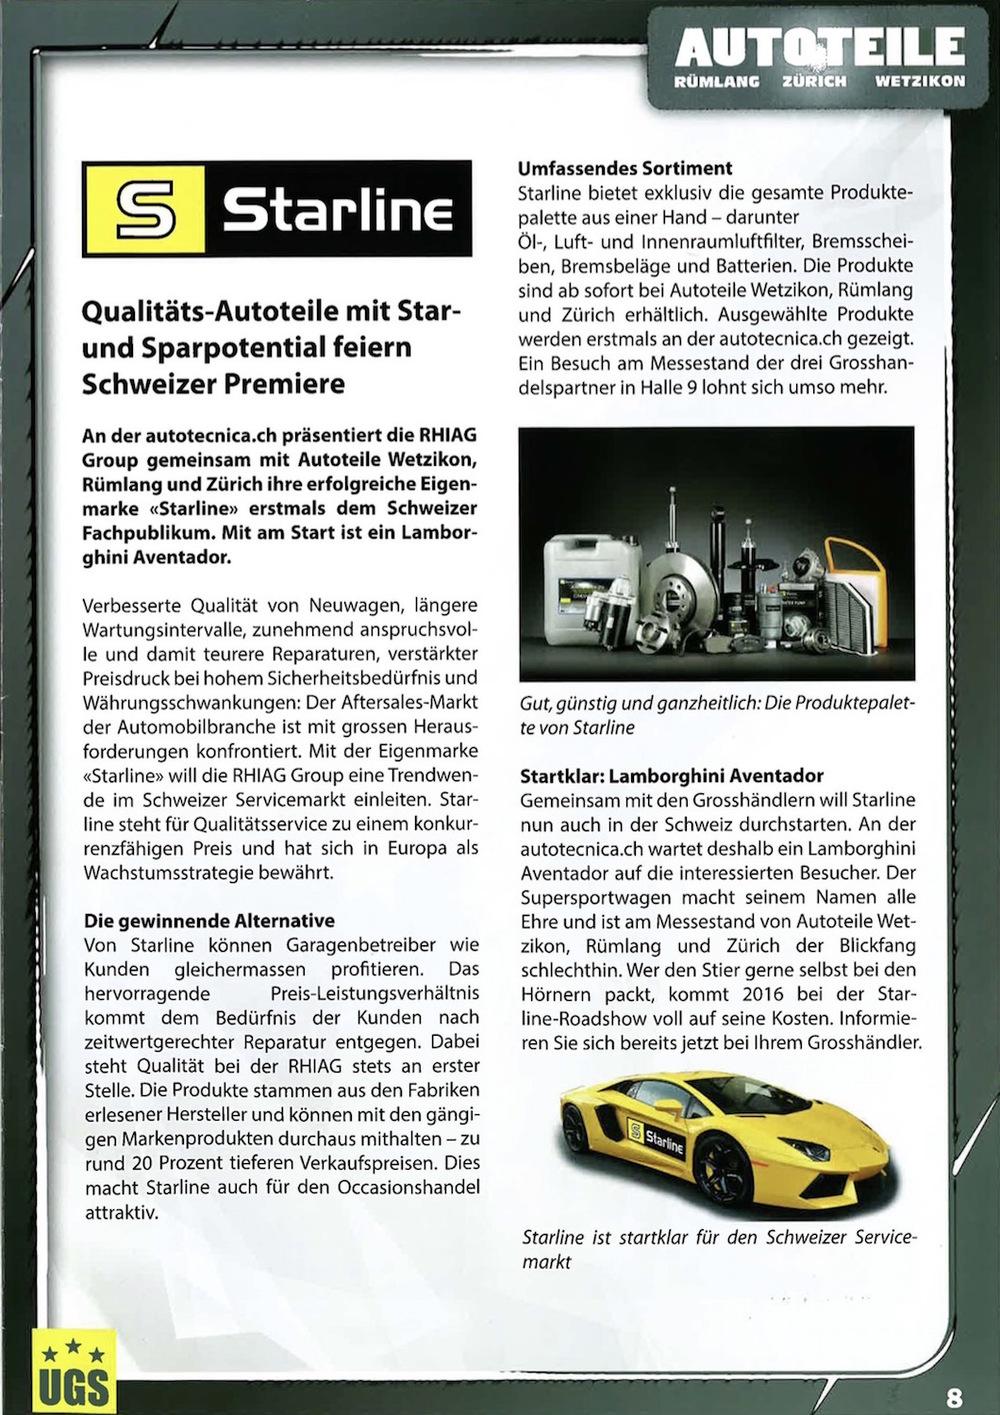 Starline im UGS Standmagazin, 28. Oktober 2015